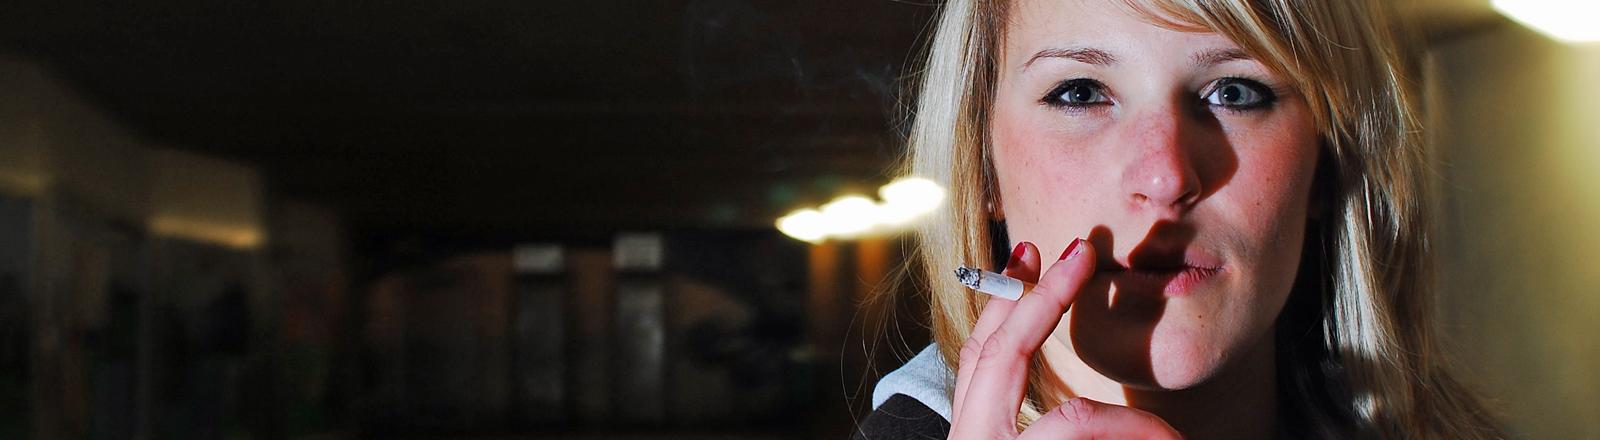 Eine junge Frau steht in einer dunklen Halle und raucht.